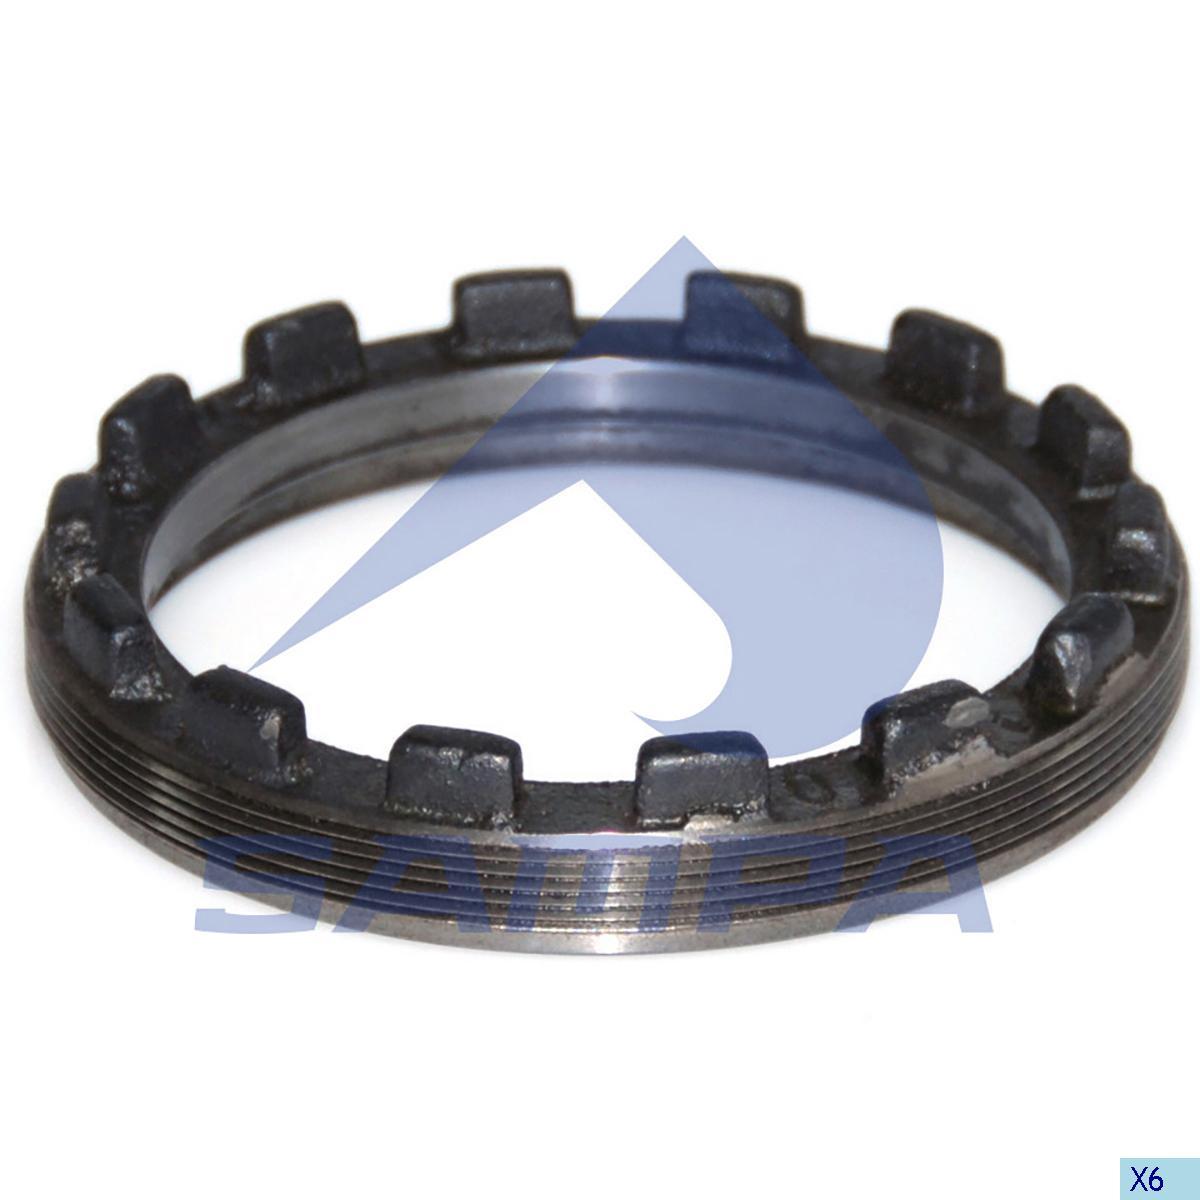 Adjusting Ring, Drive Shaft, Mercedes, Power Unit